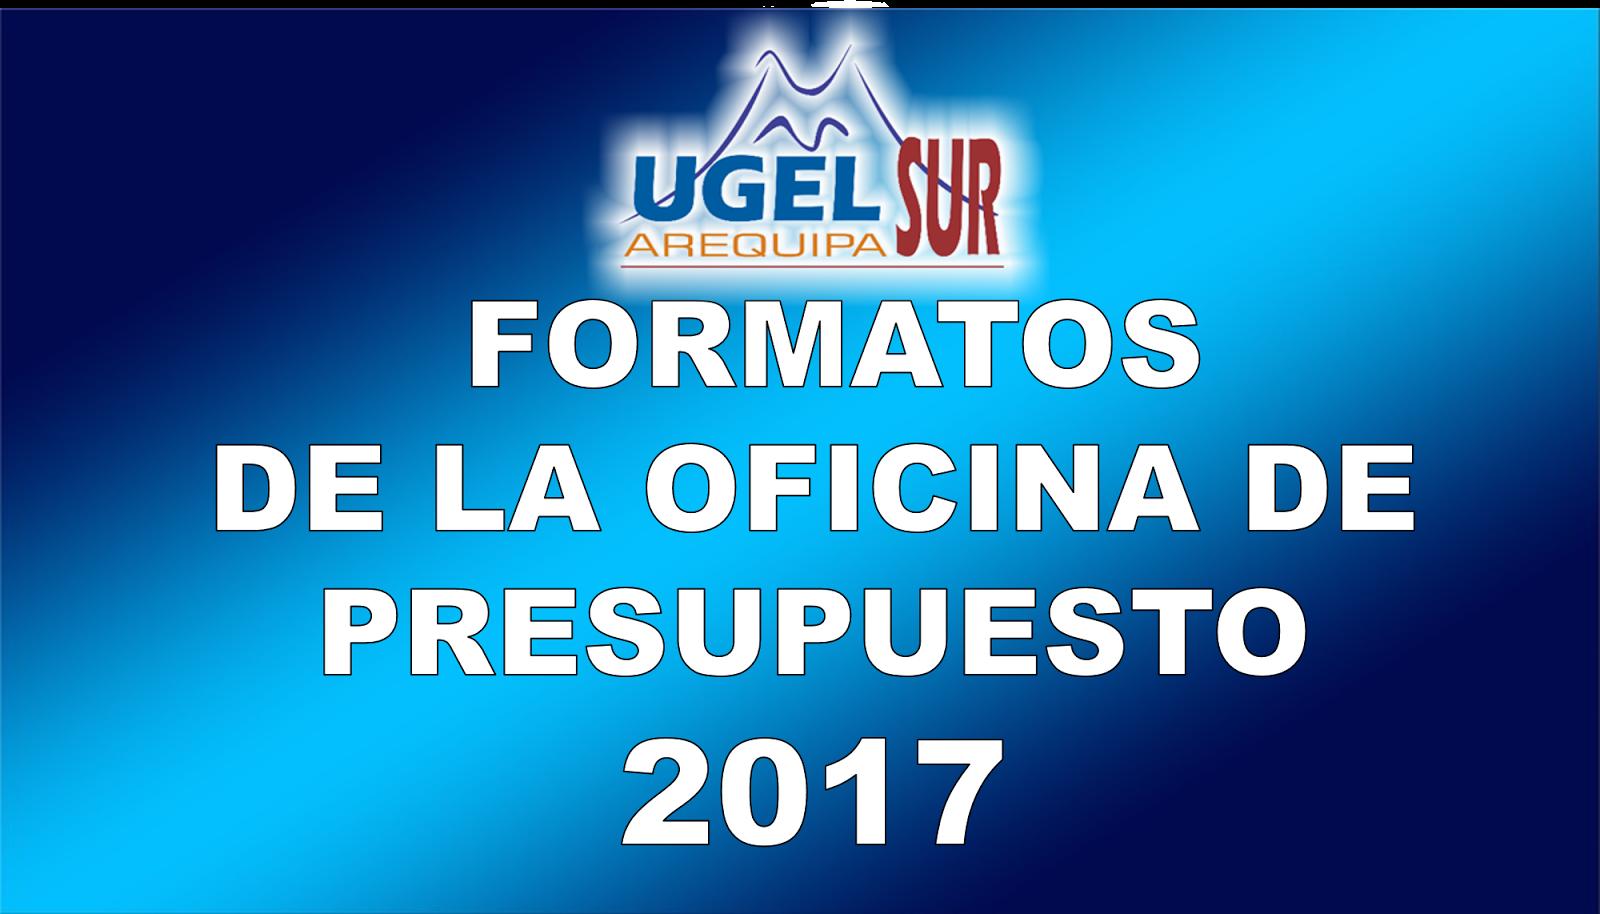 FORMATOS  DE LA OFICINA DE PRESUPUESTO 2017